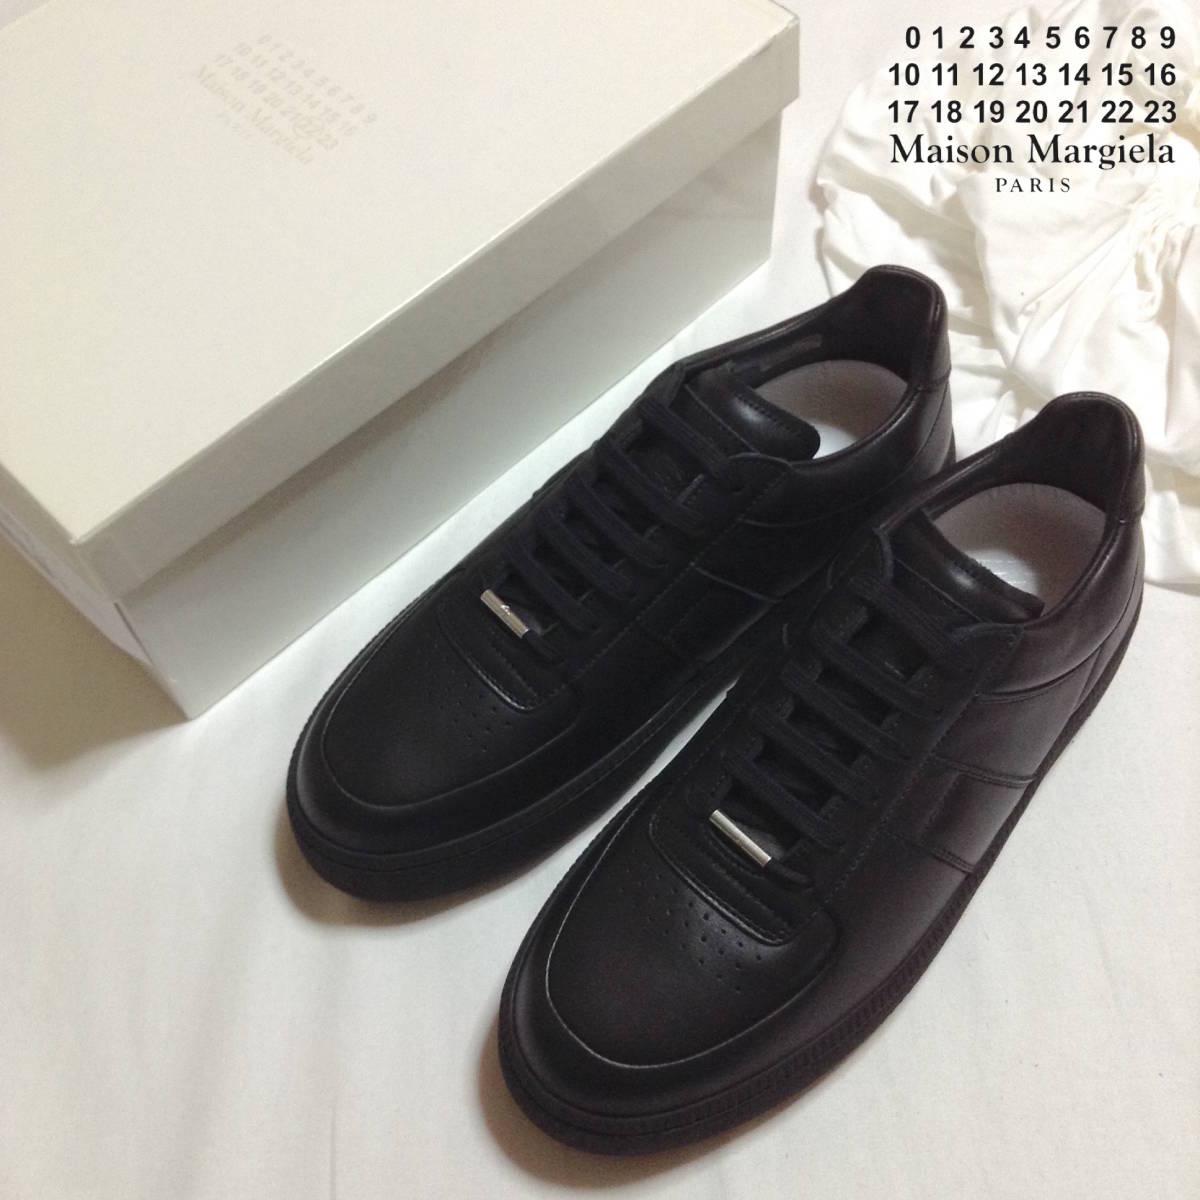 sneakers #NIKE Air Force 1 type